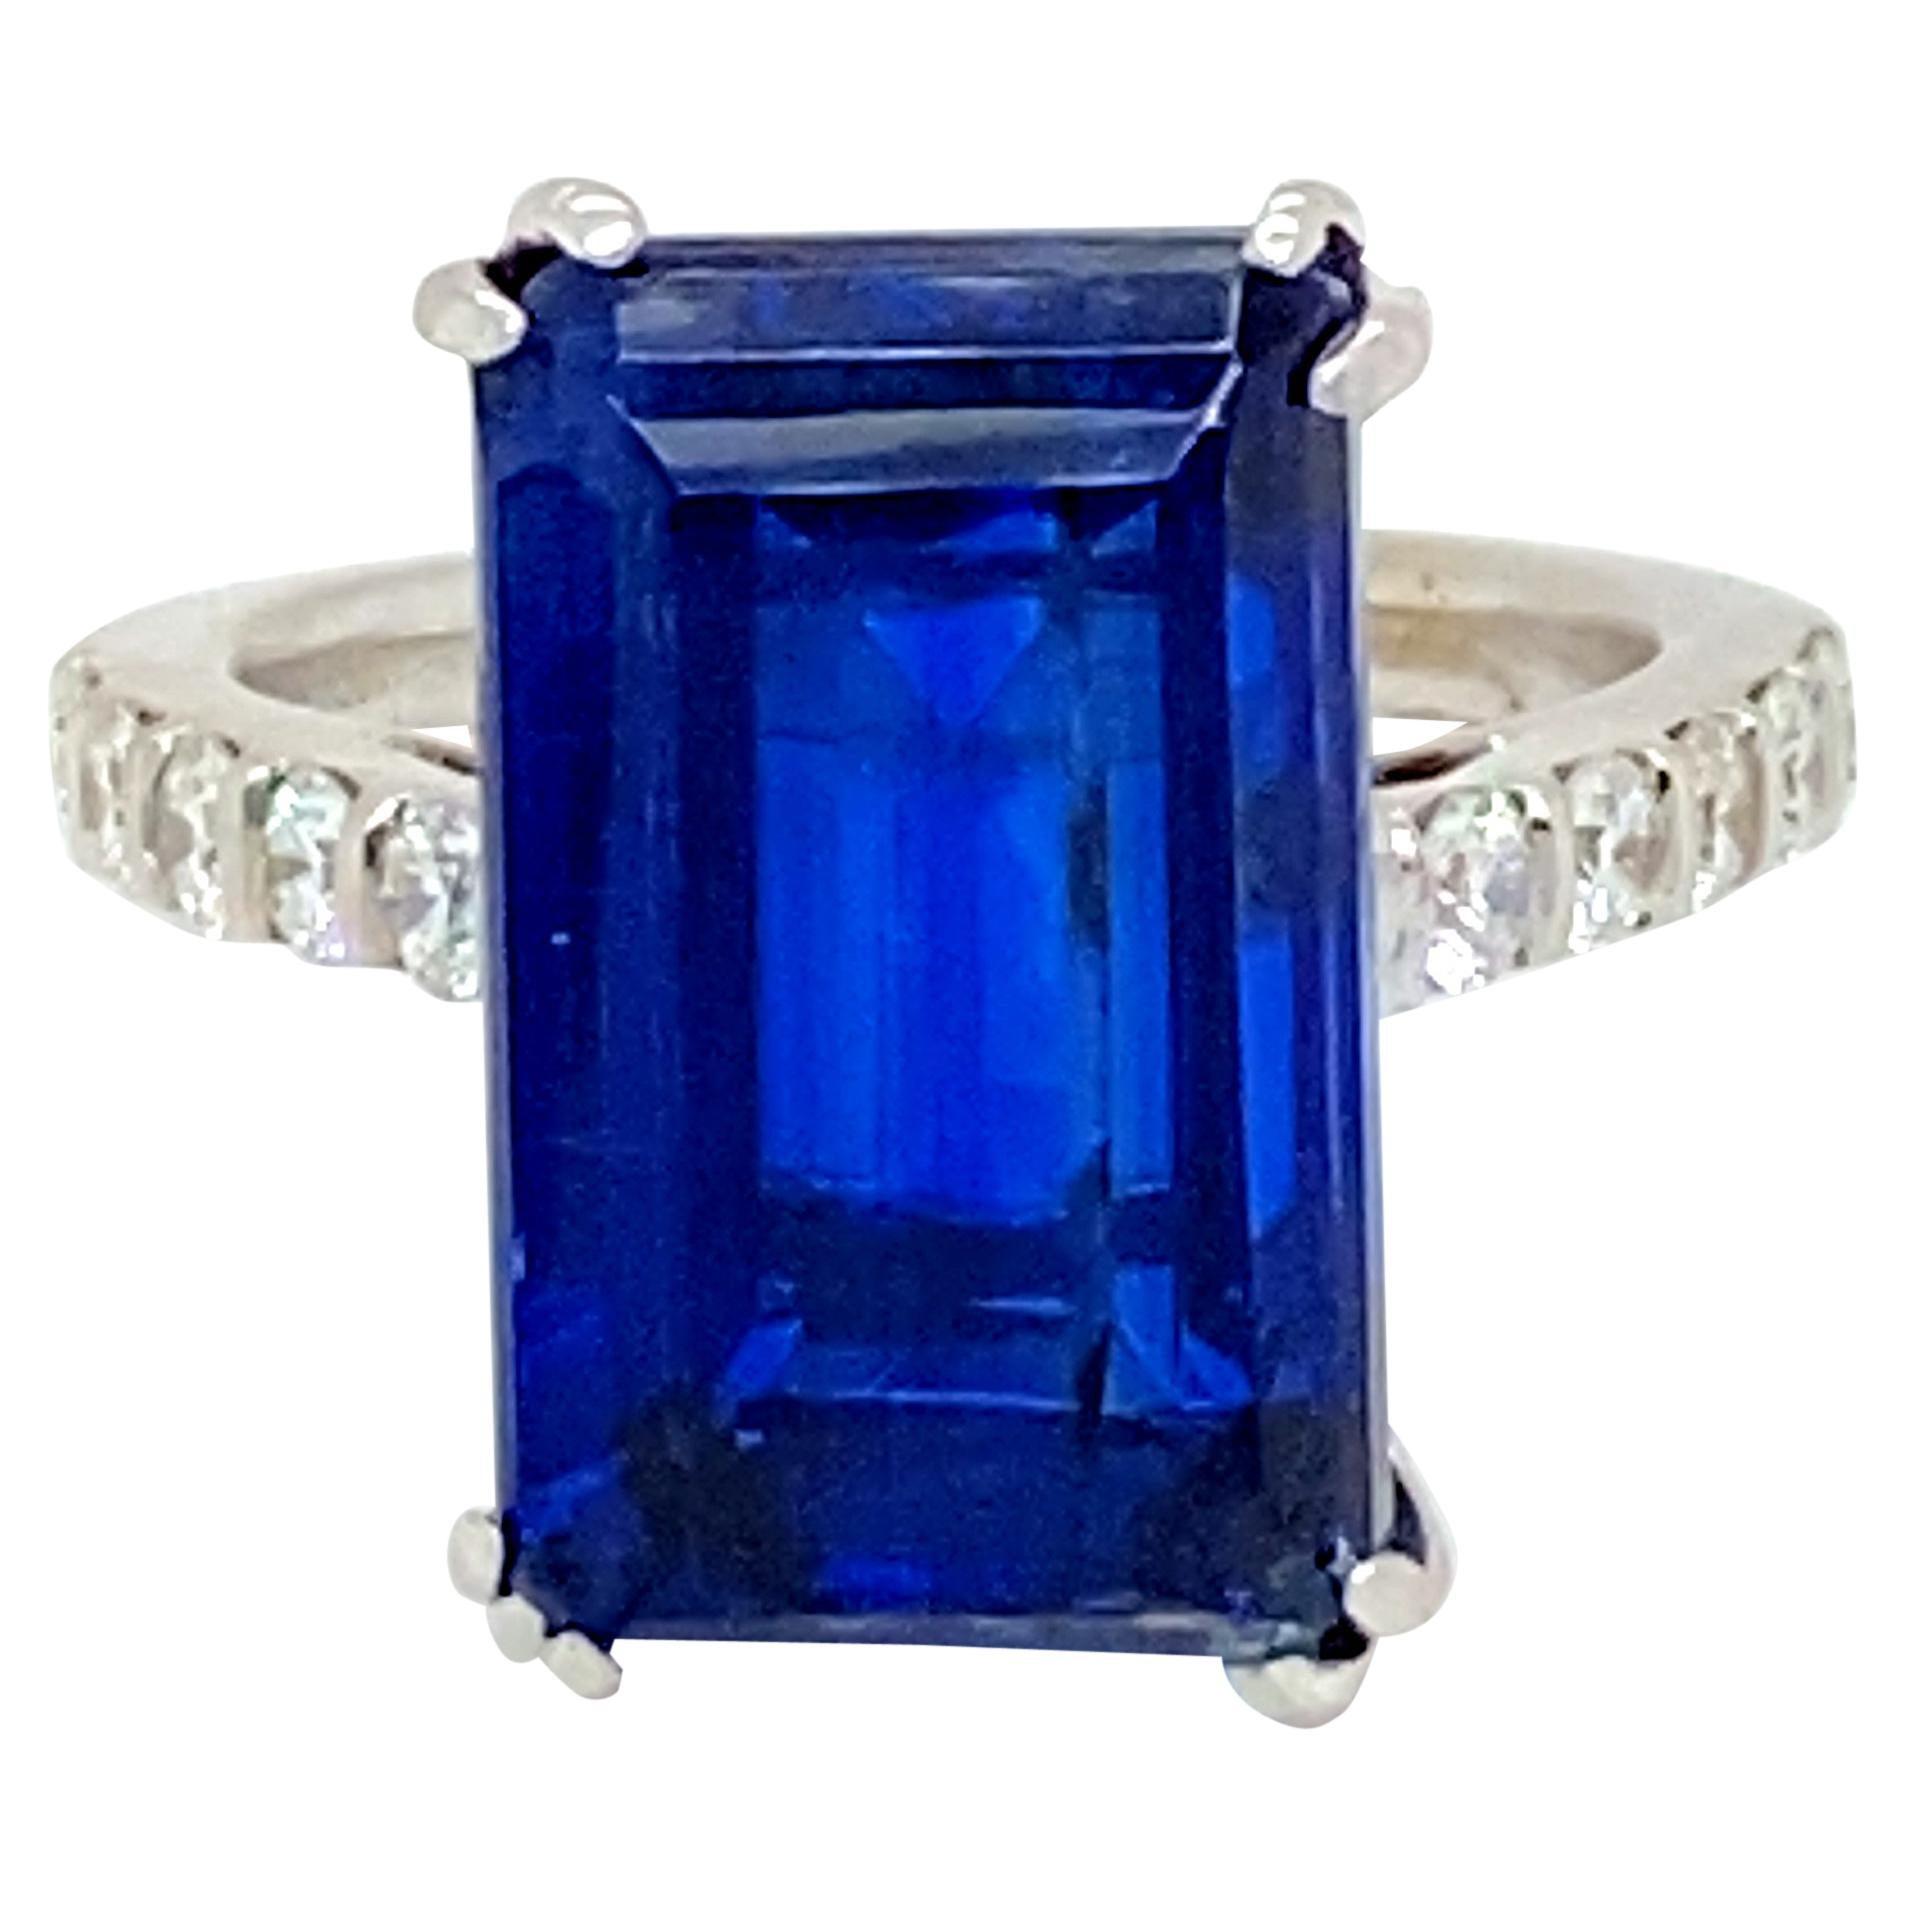 12.50 Carat Kyanite Ring